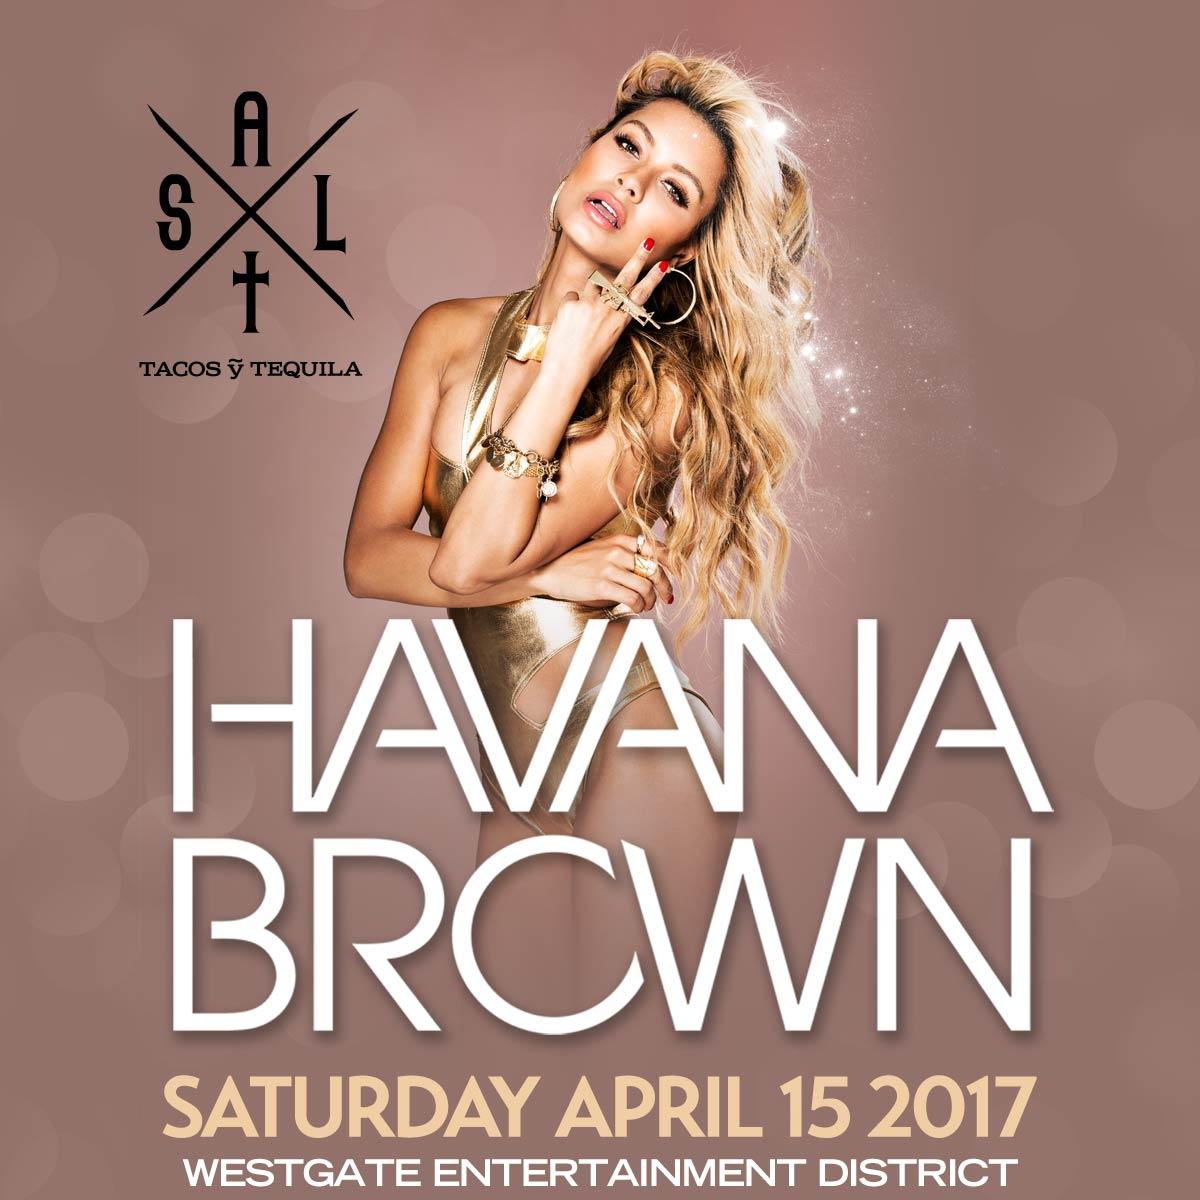 Flyer for Havana Brown